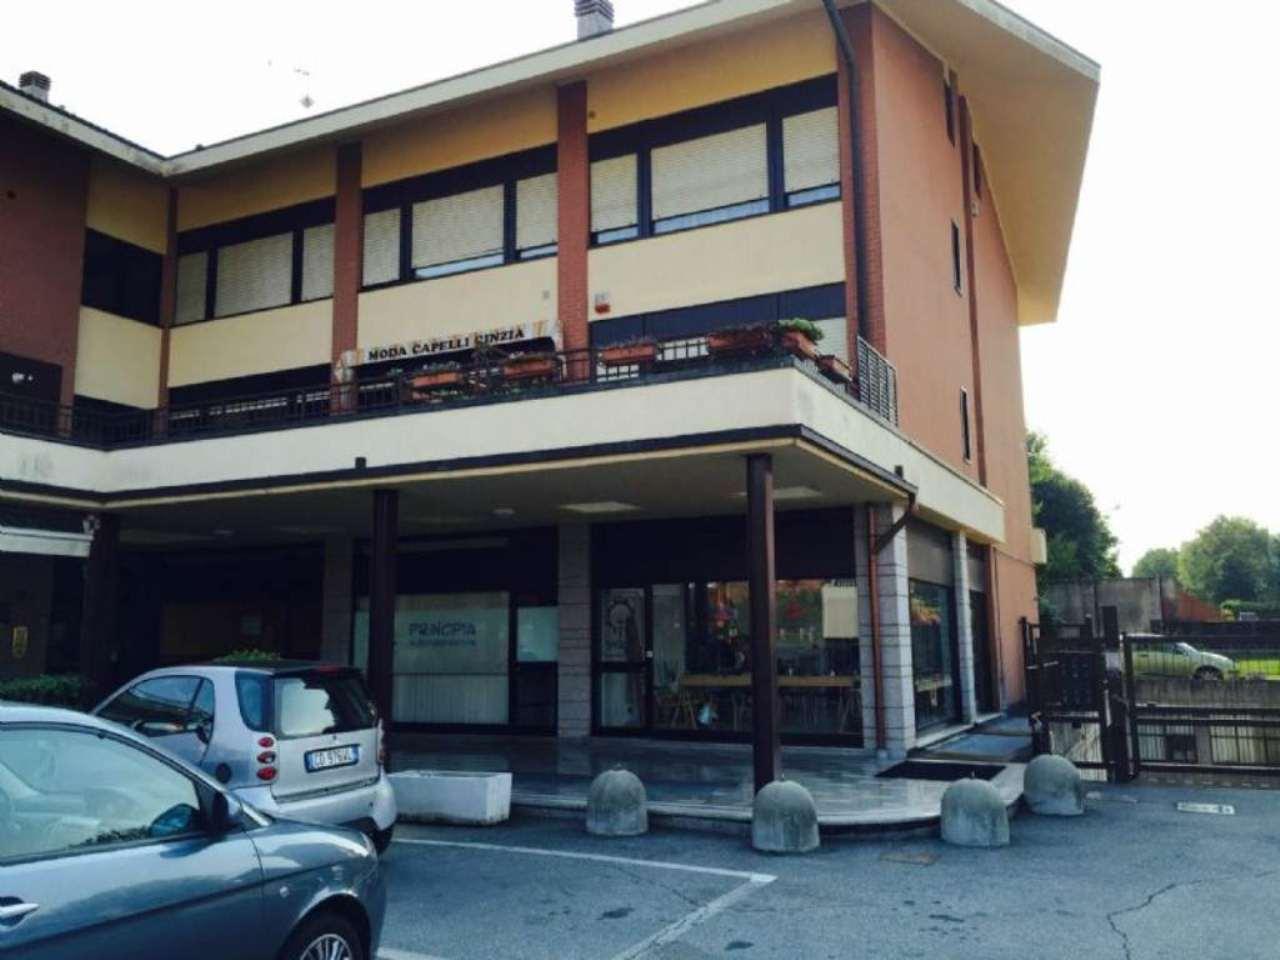 Negozio / Locale in affitto a Alpignano, 2 locali, prezzo € 650 | Cambio Casa.it